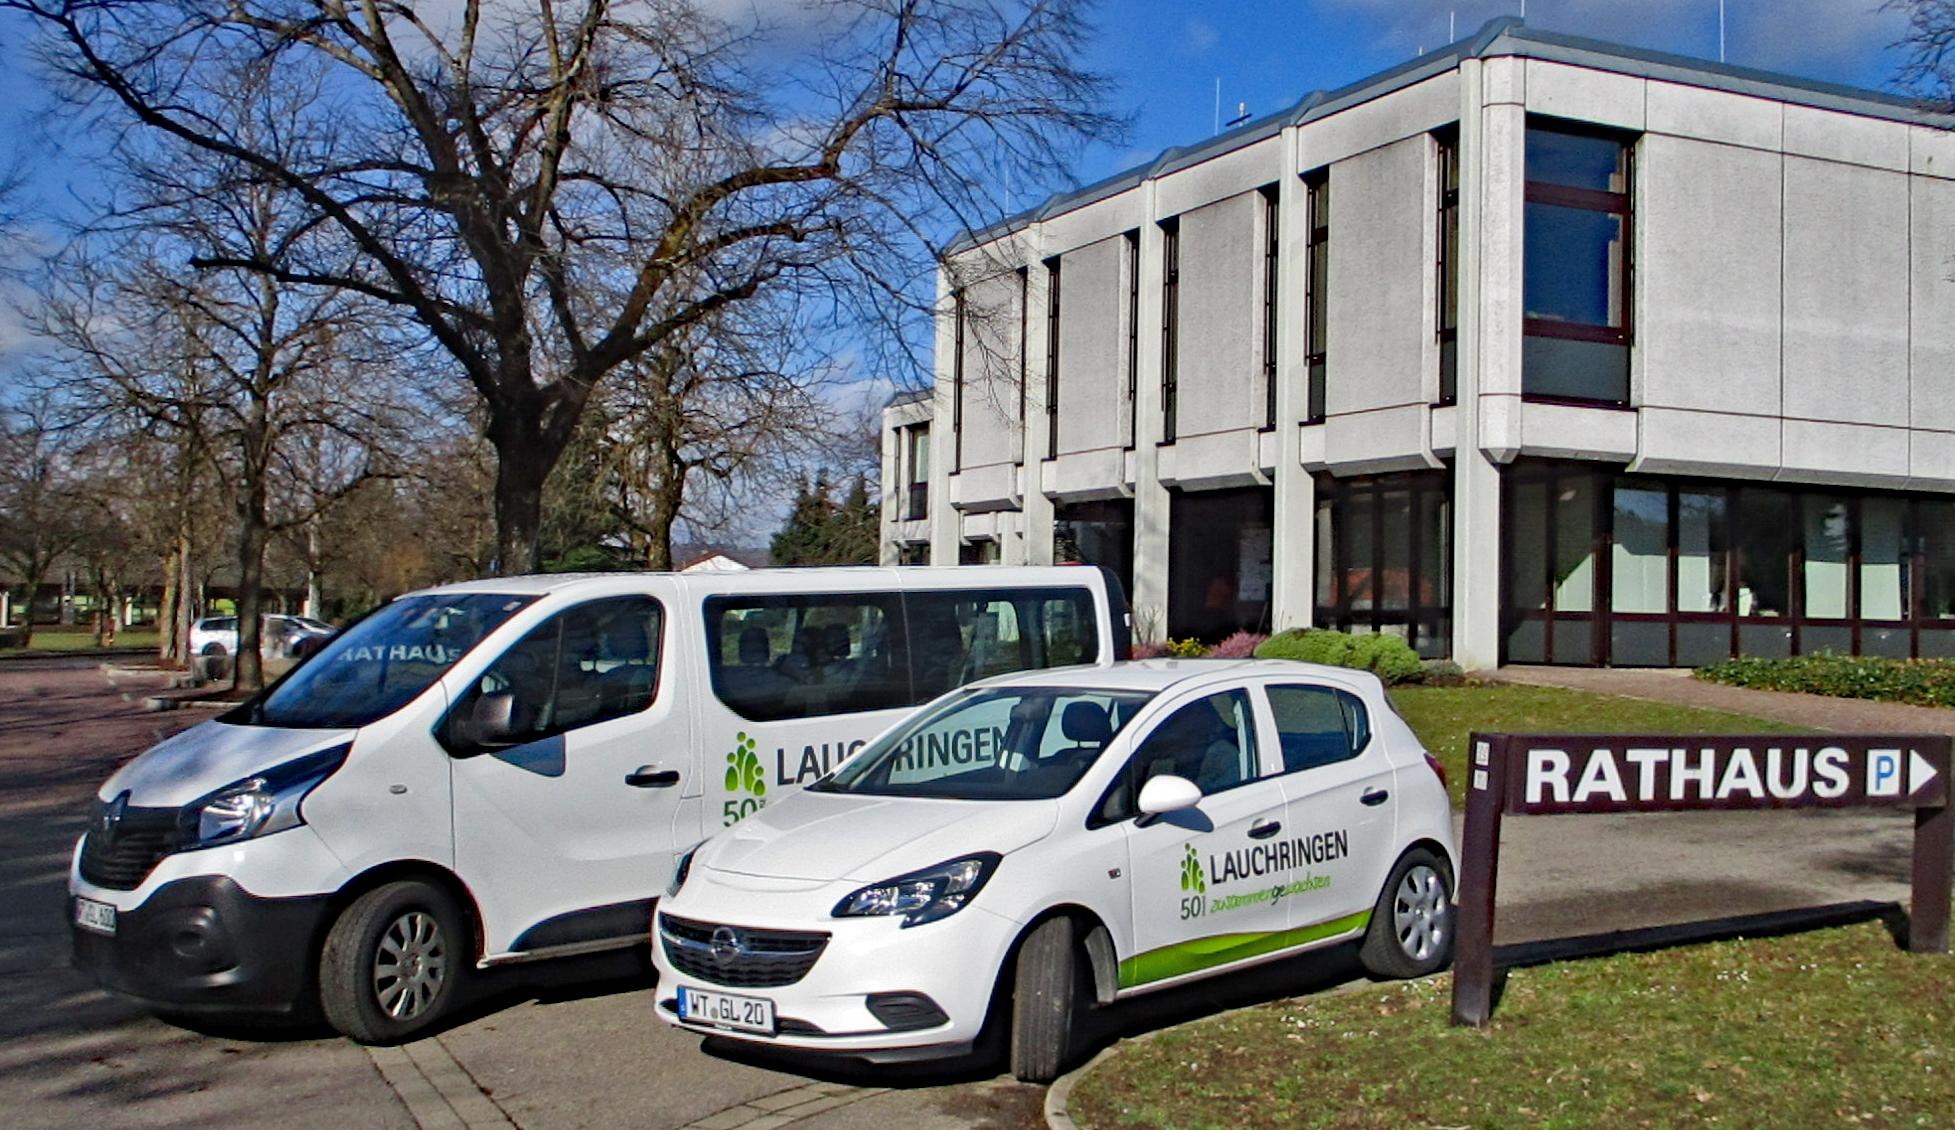 Vor dem Rathaus in Lauchringen stehen zwei der Fahrezuge, die über CarSharing gemietet werden können.